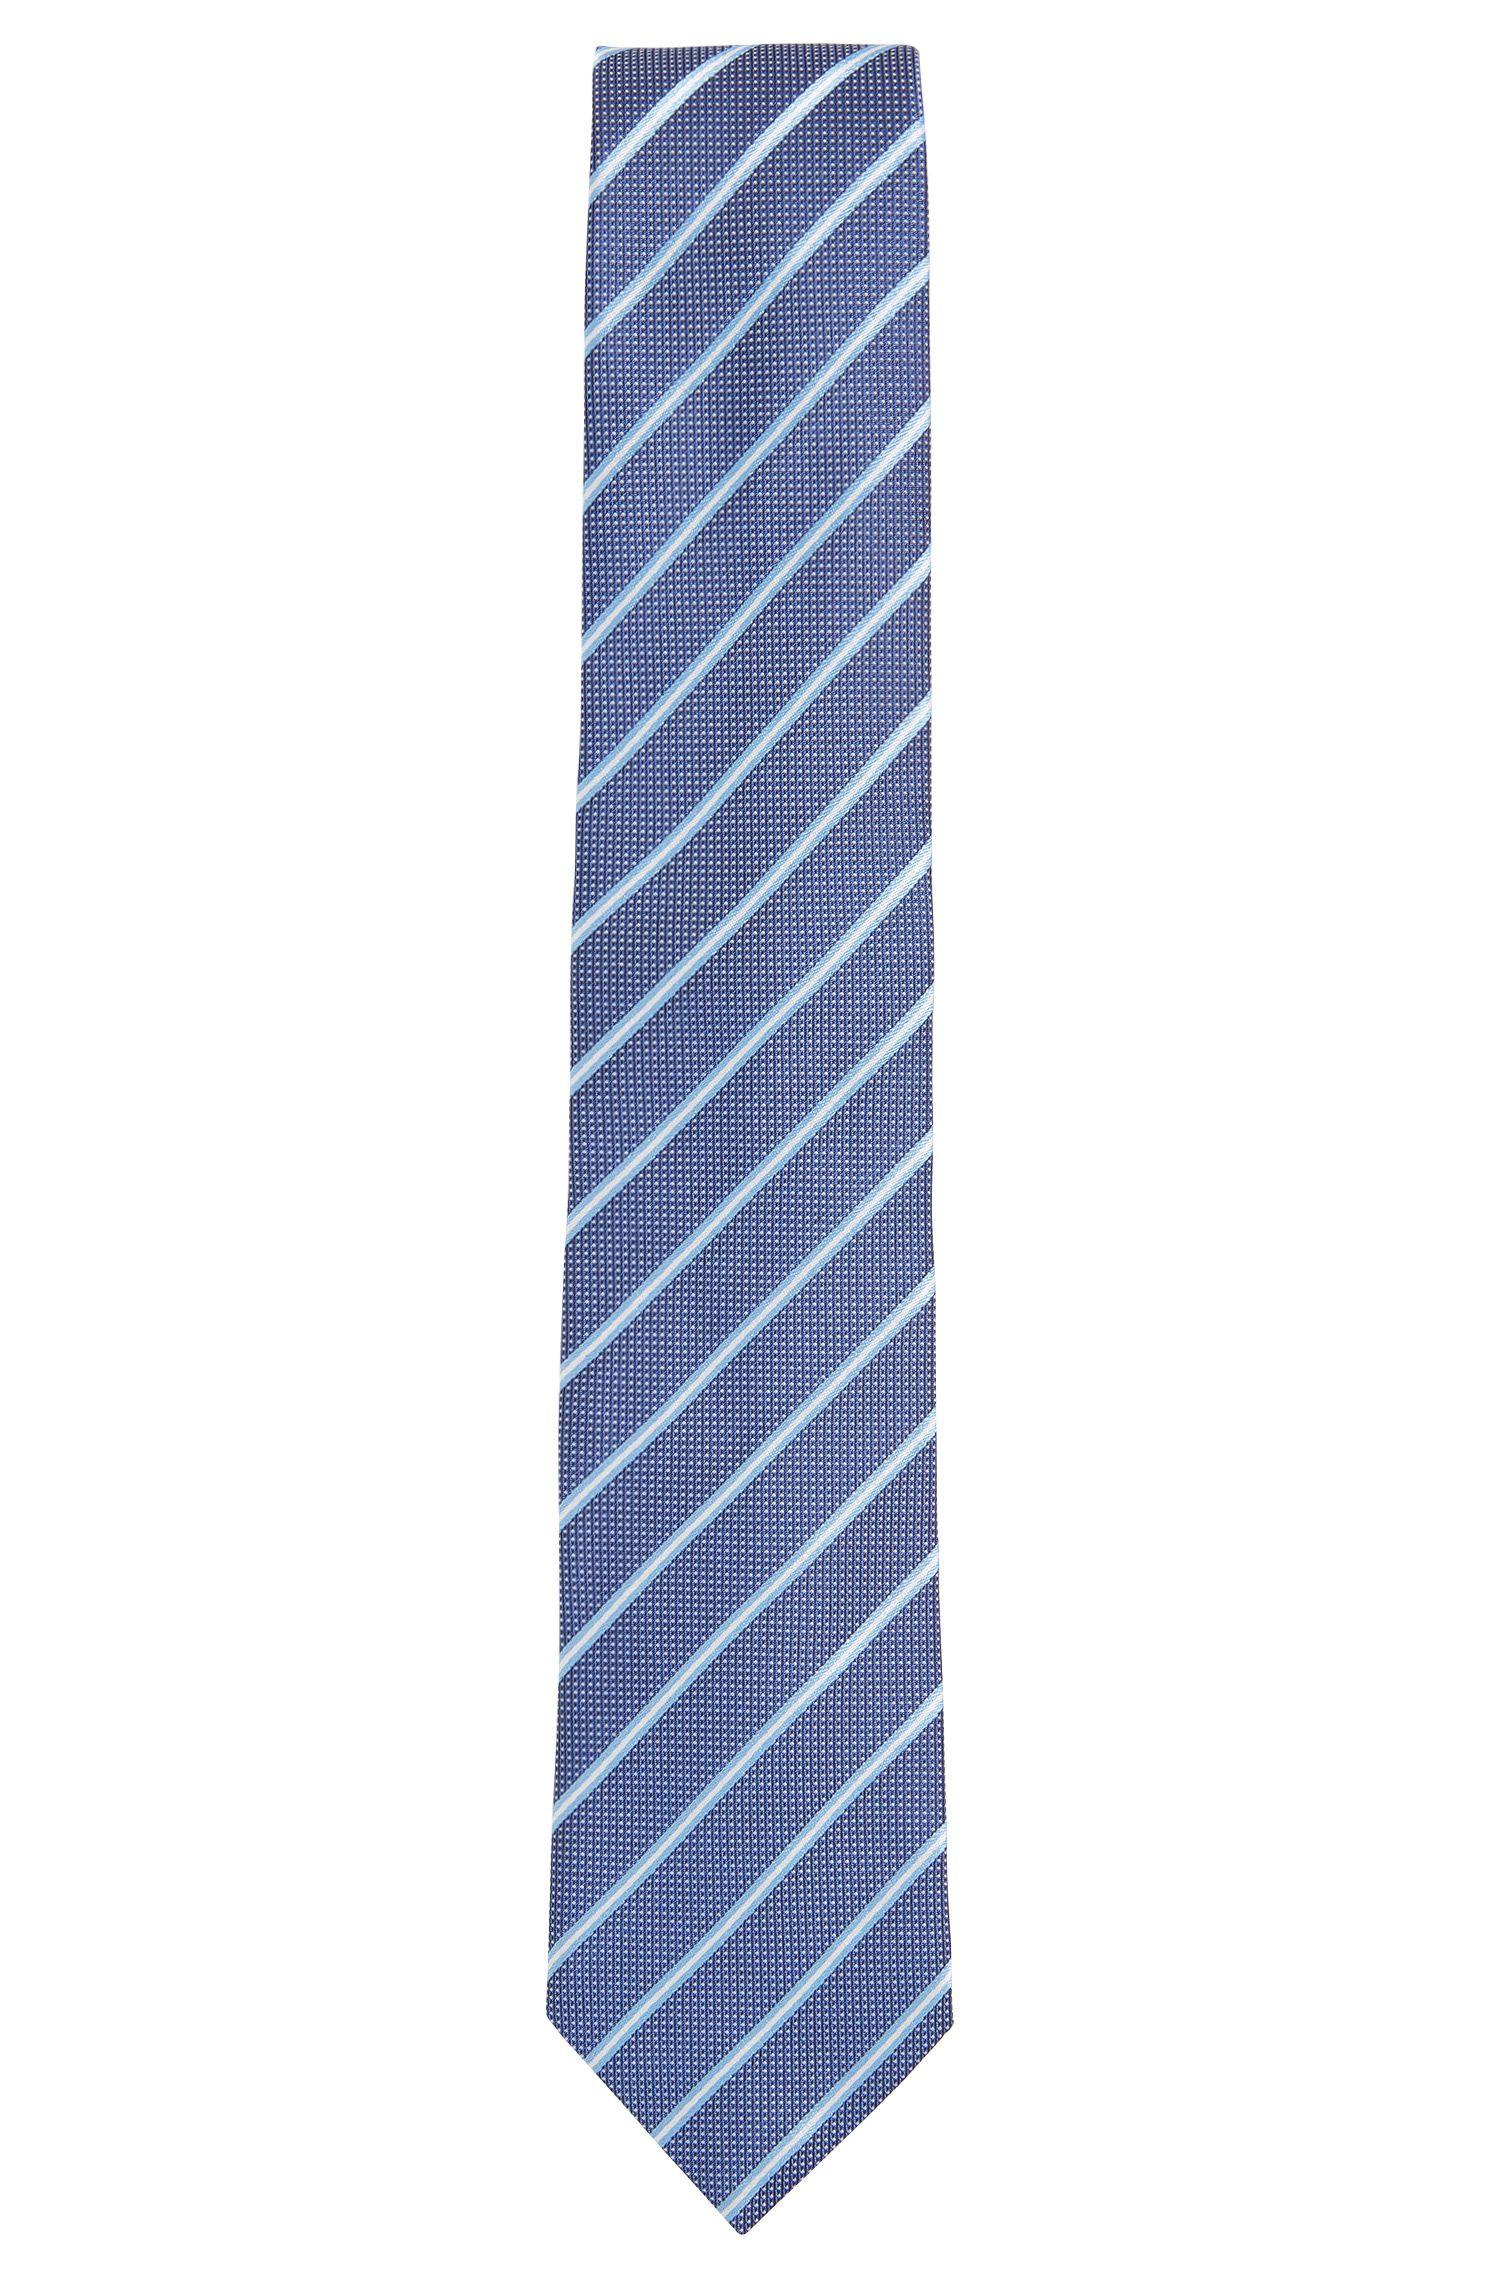 Cravate jacquard en soie fine à rayure